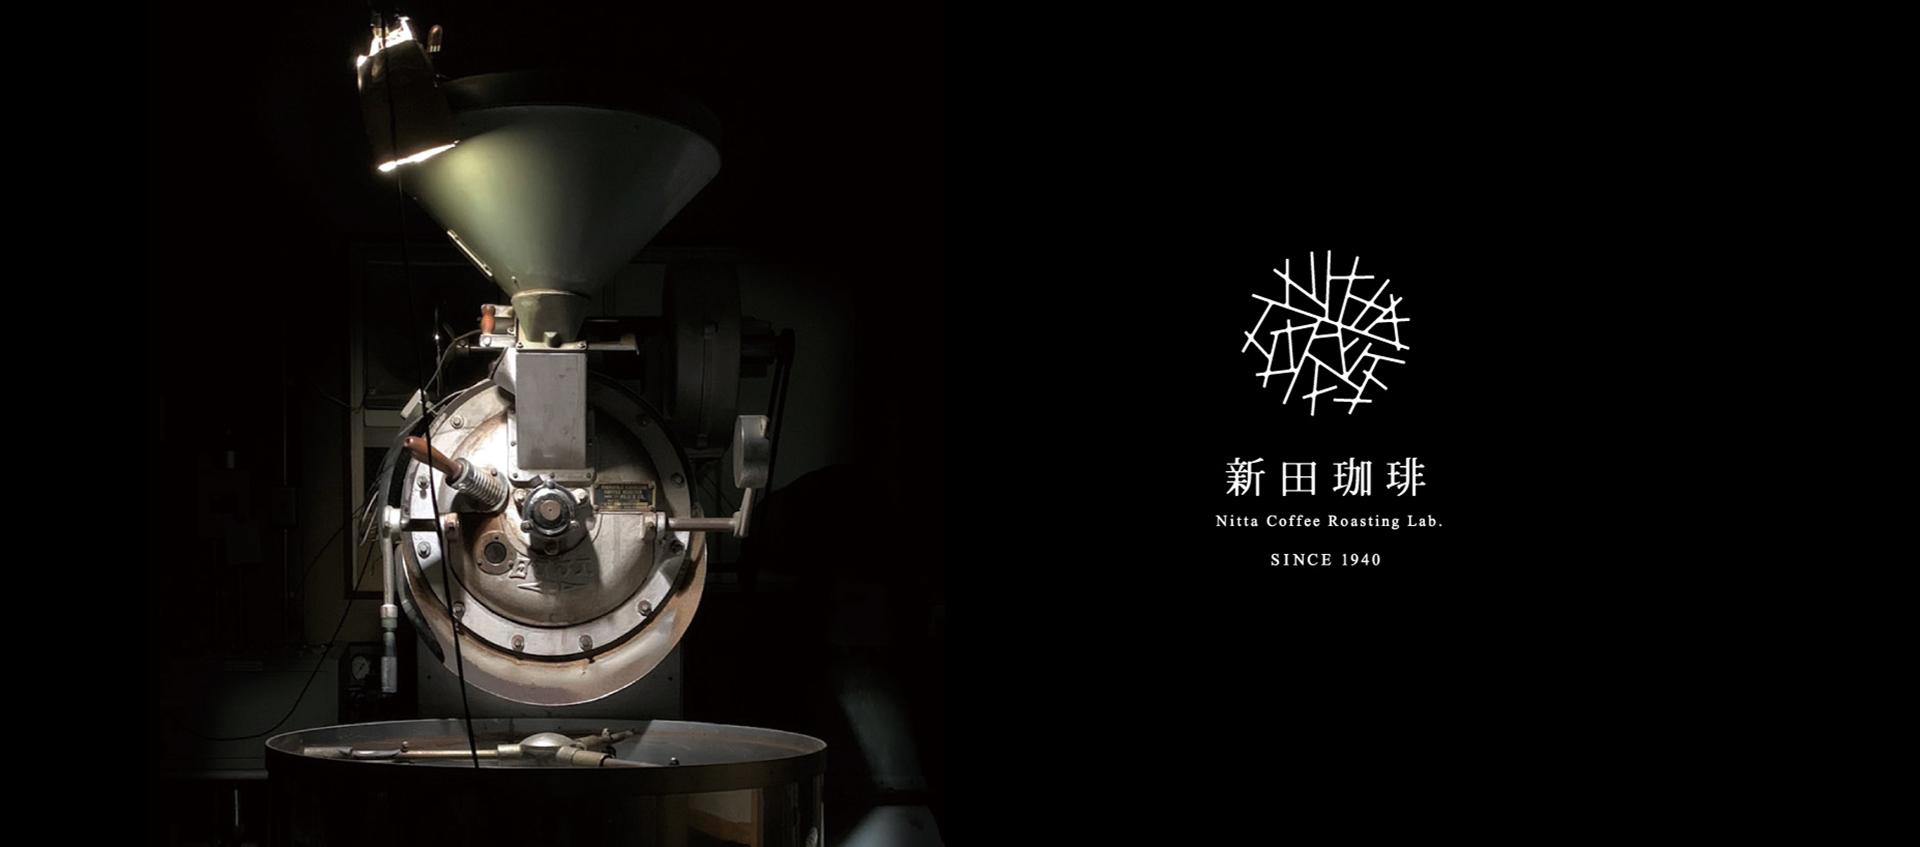 新田珈琲(有限会社チモトコーヒー)